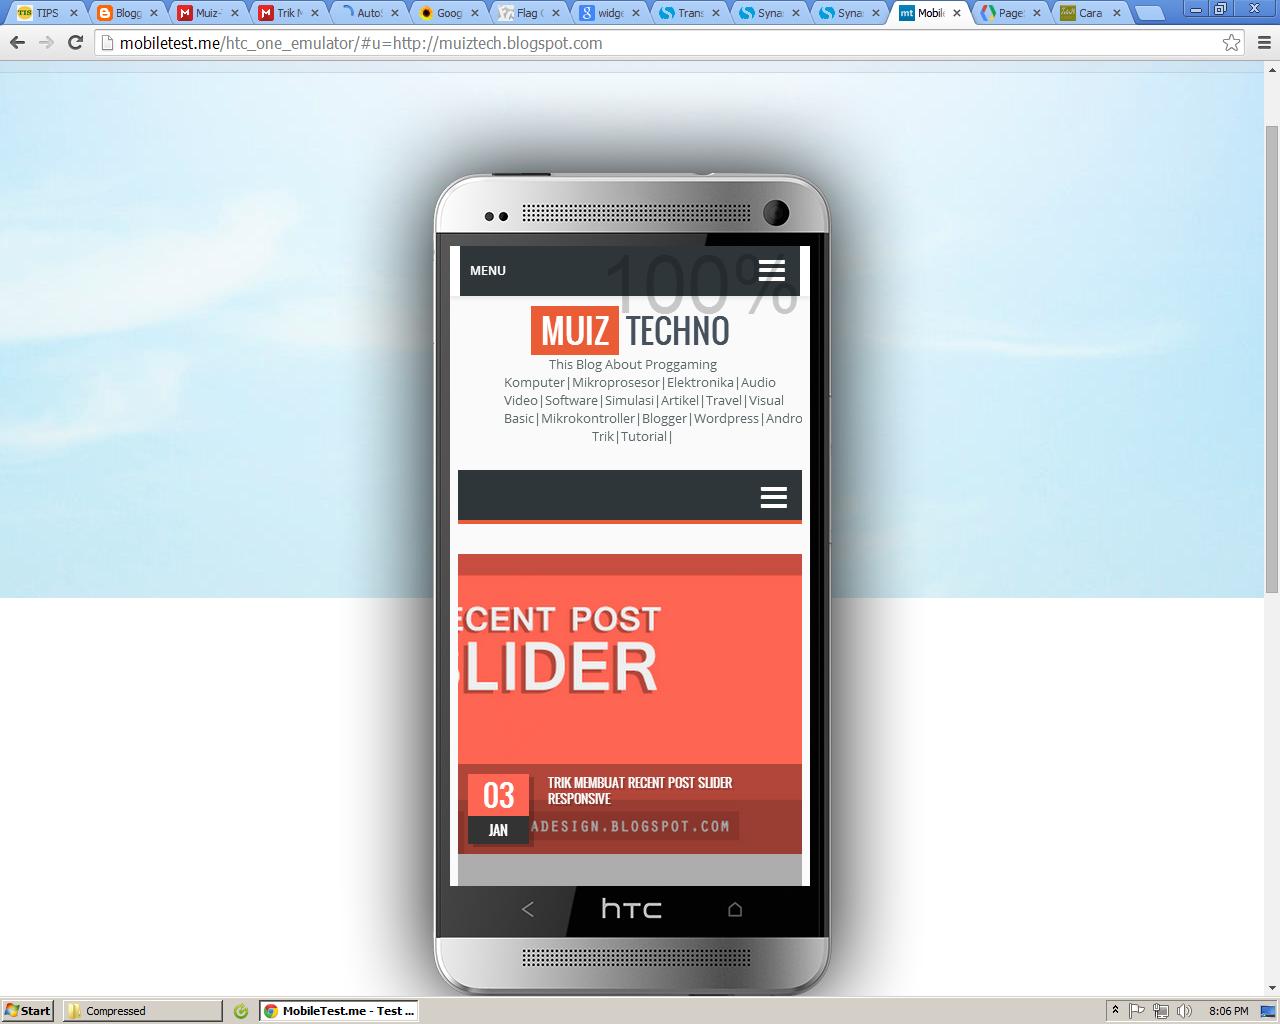 Melihat blog versi mobile di PC dengan beberapa vendor smartphone